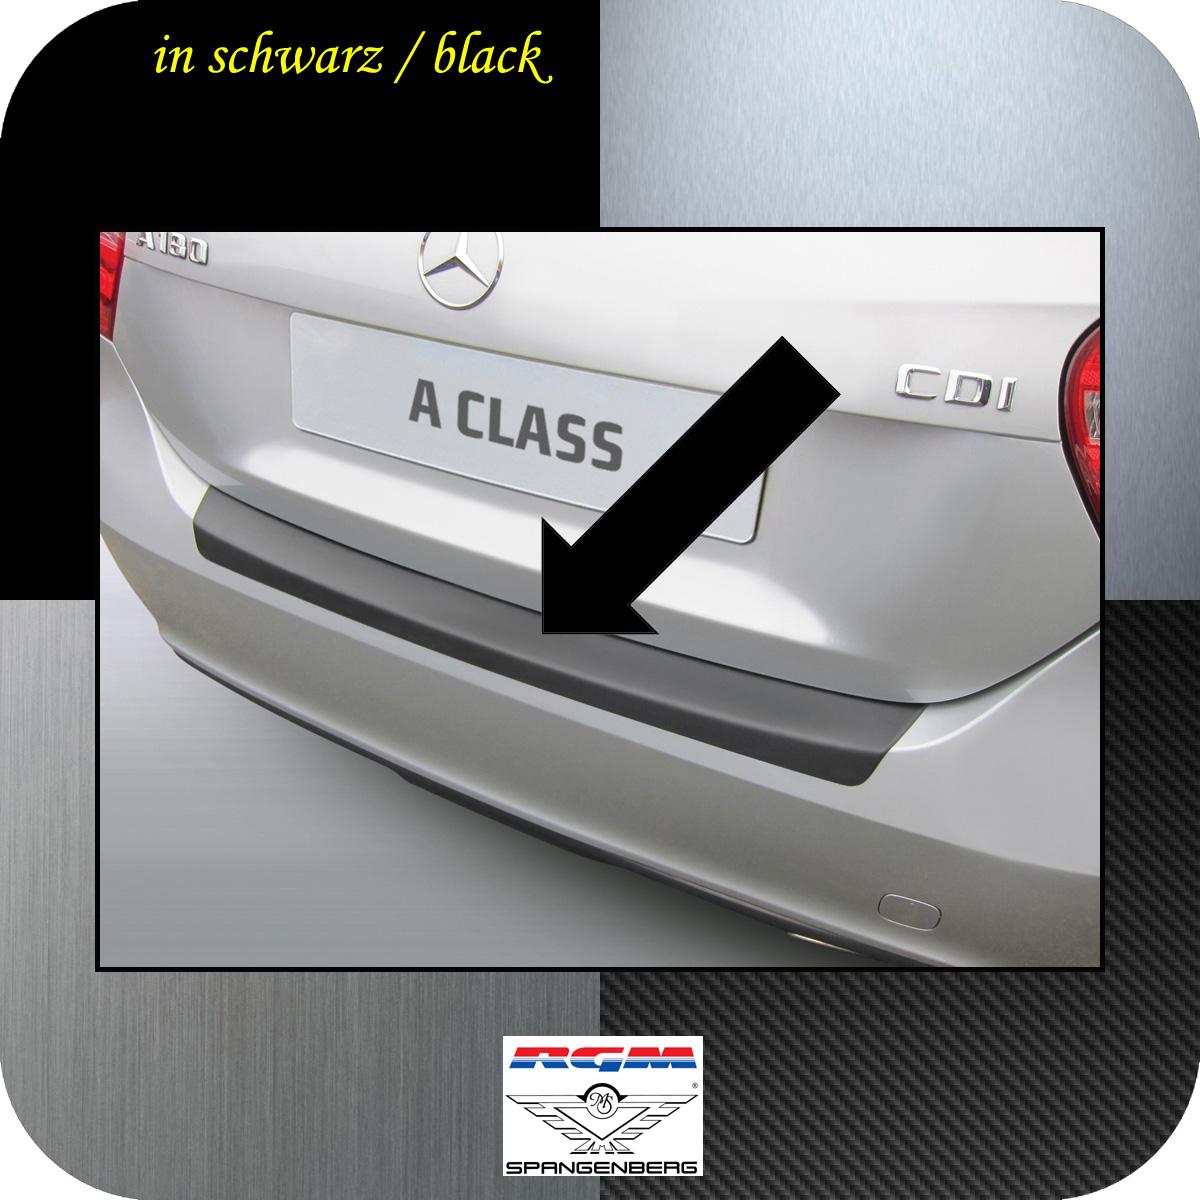 Ladekantenschutz schwarz Mercedes Benz A-Klasse W176 Schrägheck ab 2015- 3500933